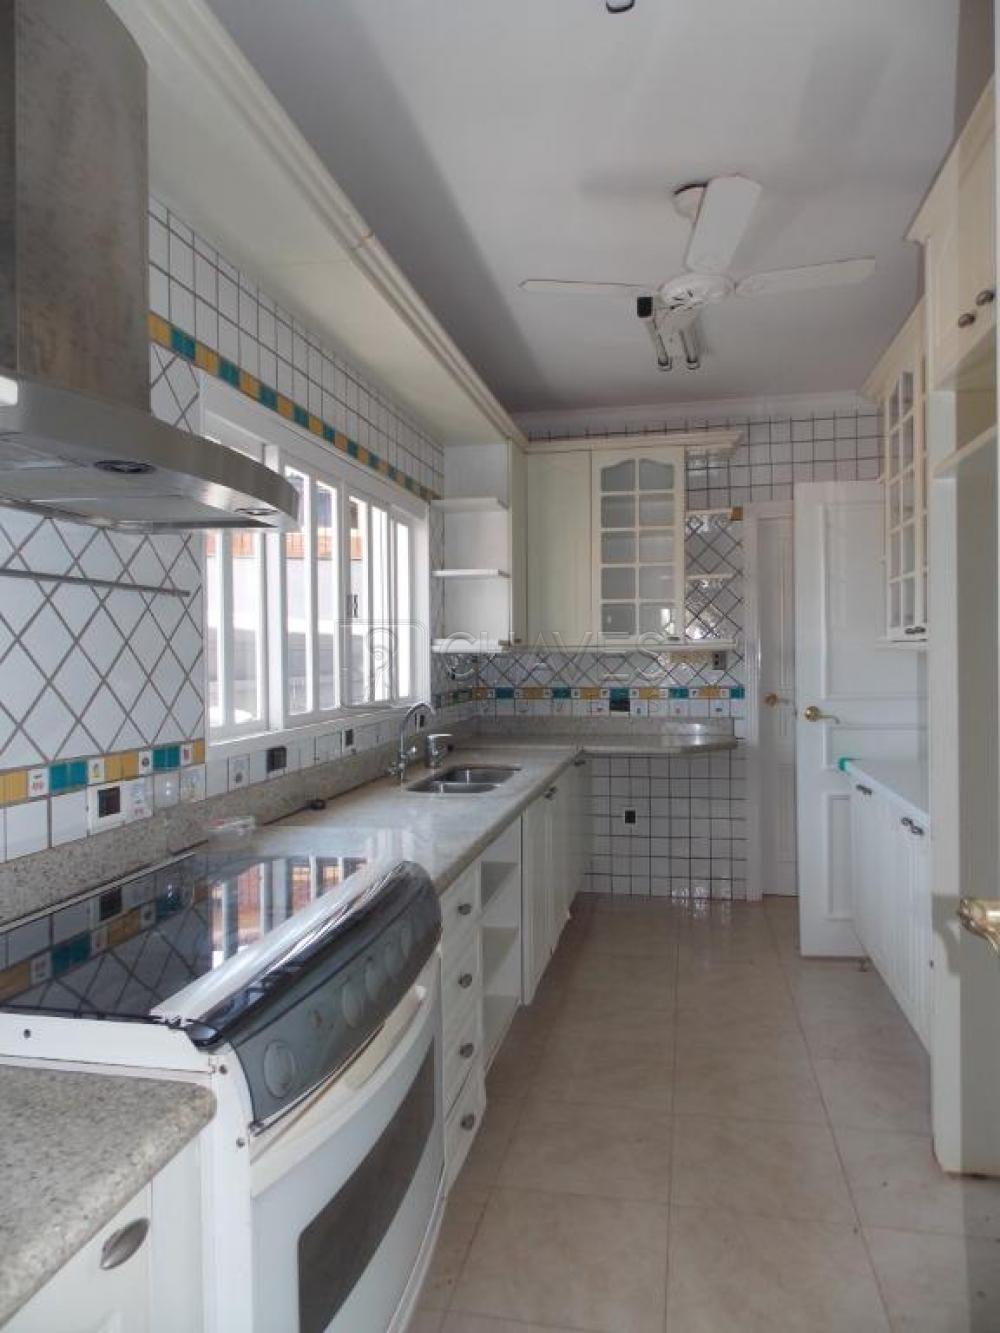 Alugar Casa / Padrão em Ribeirão Preto apenas R$ 8.000,00 - Foto 8